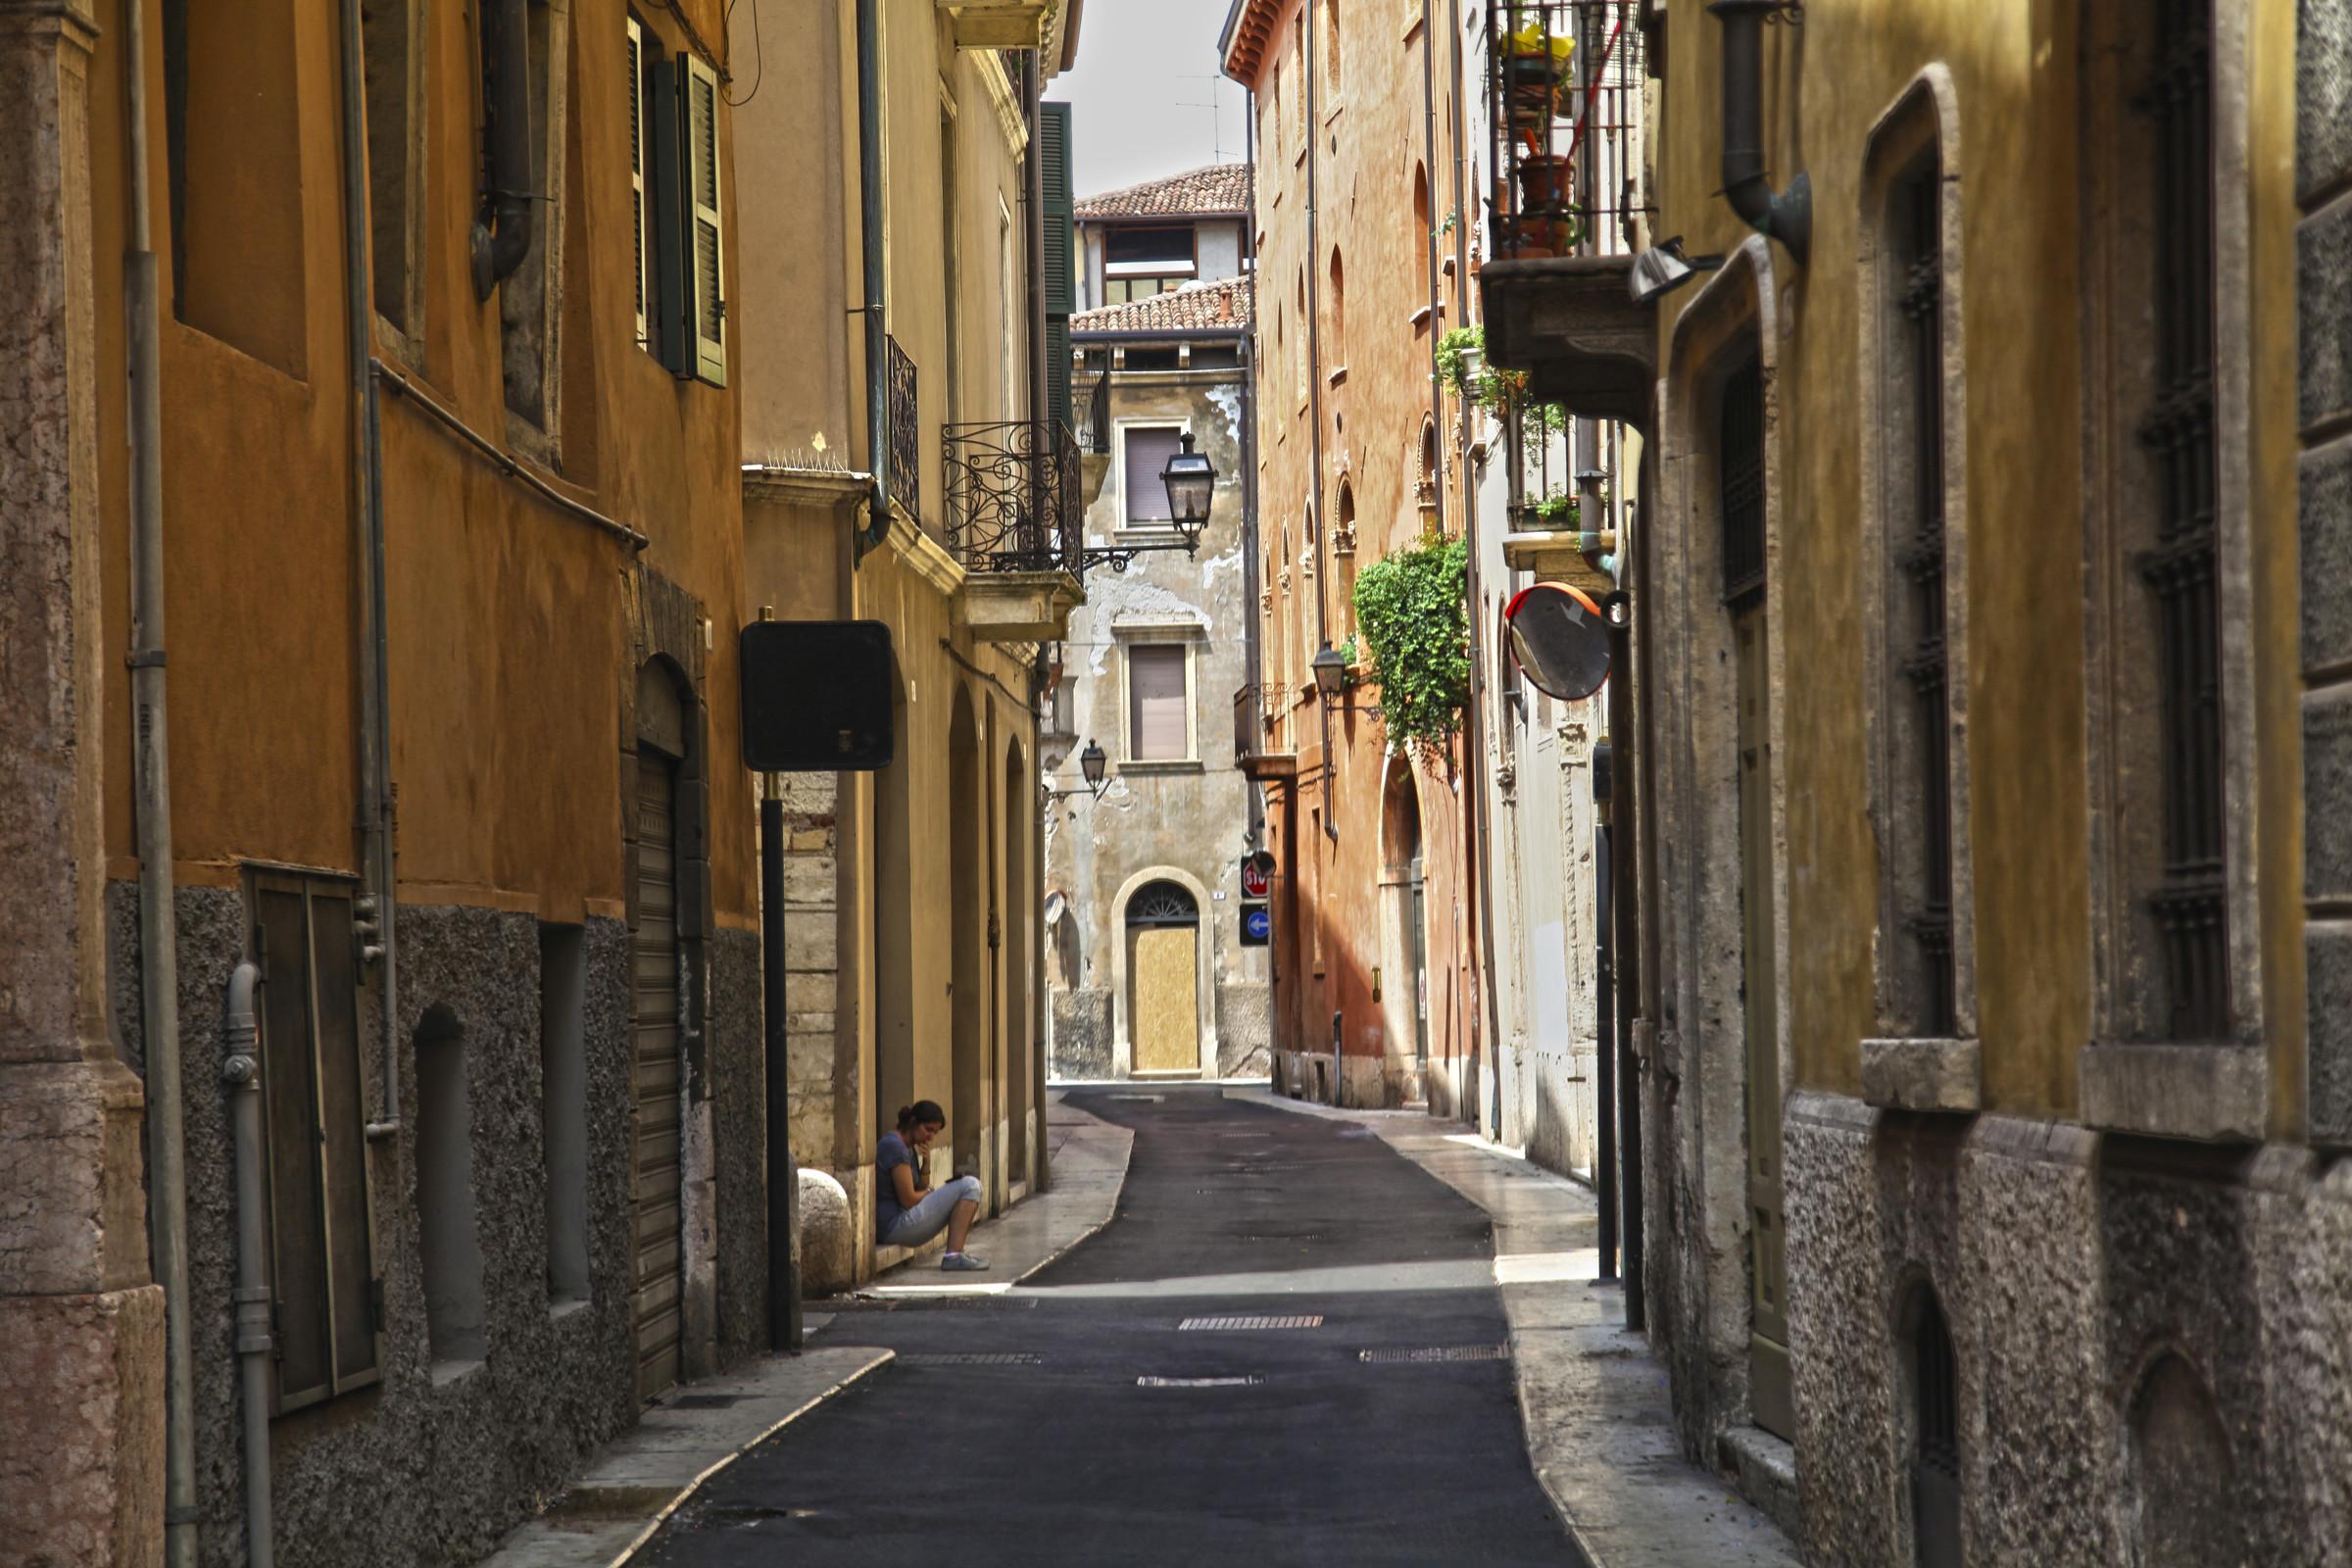 наиболее фото итальянских улиц большого разрешения магазине готовый